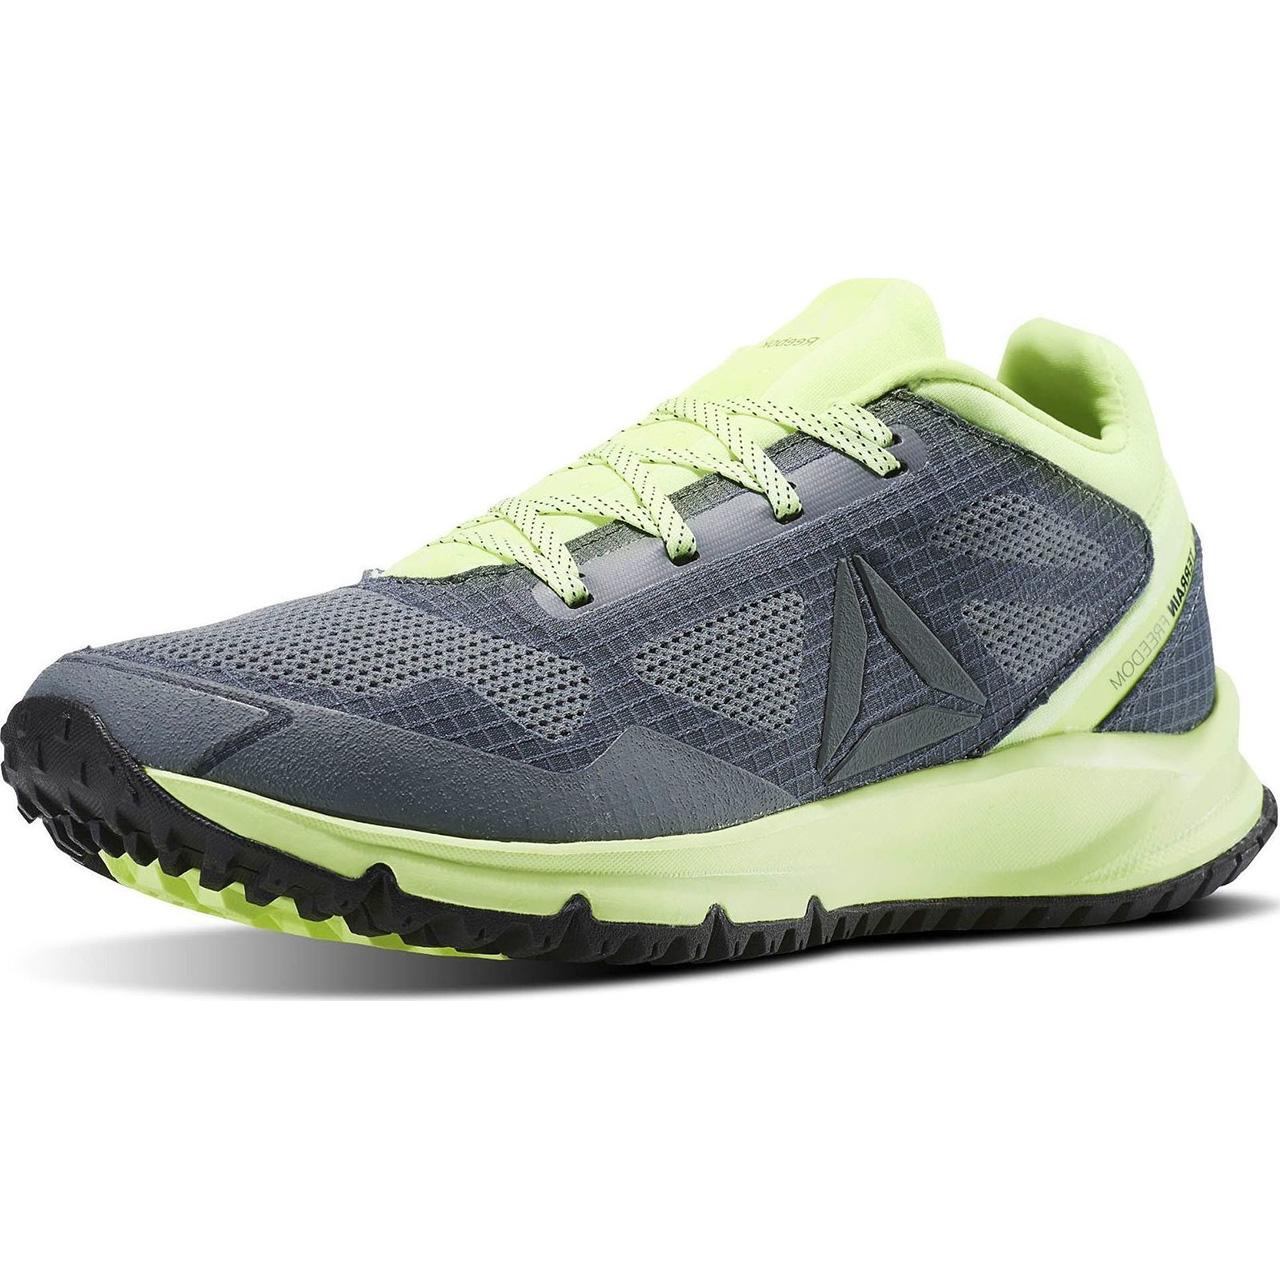 کفش پیاده روی و دویدن مردانه ریباک مدل All Terrain Freedom کد bs9948